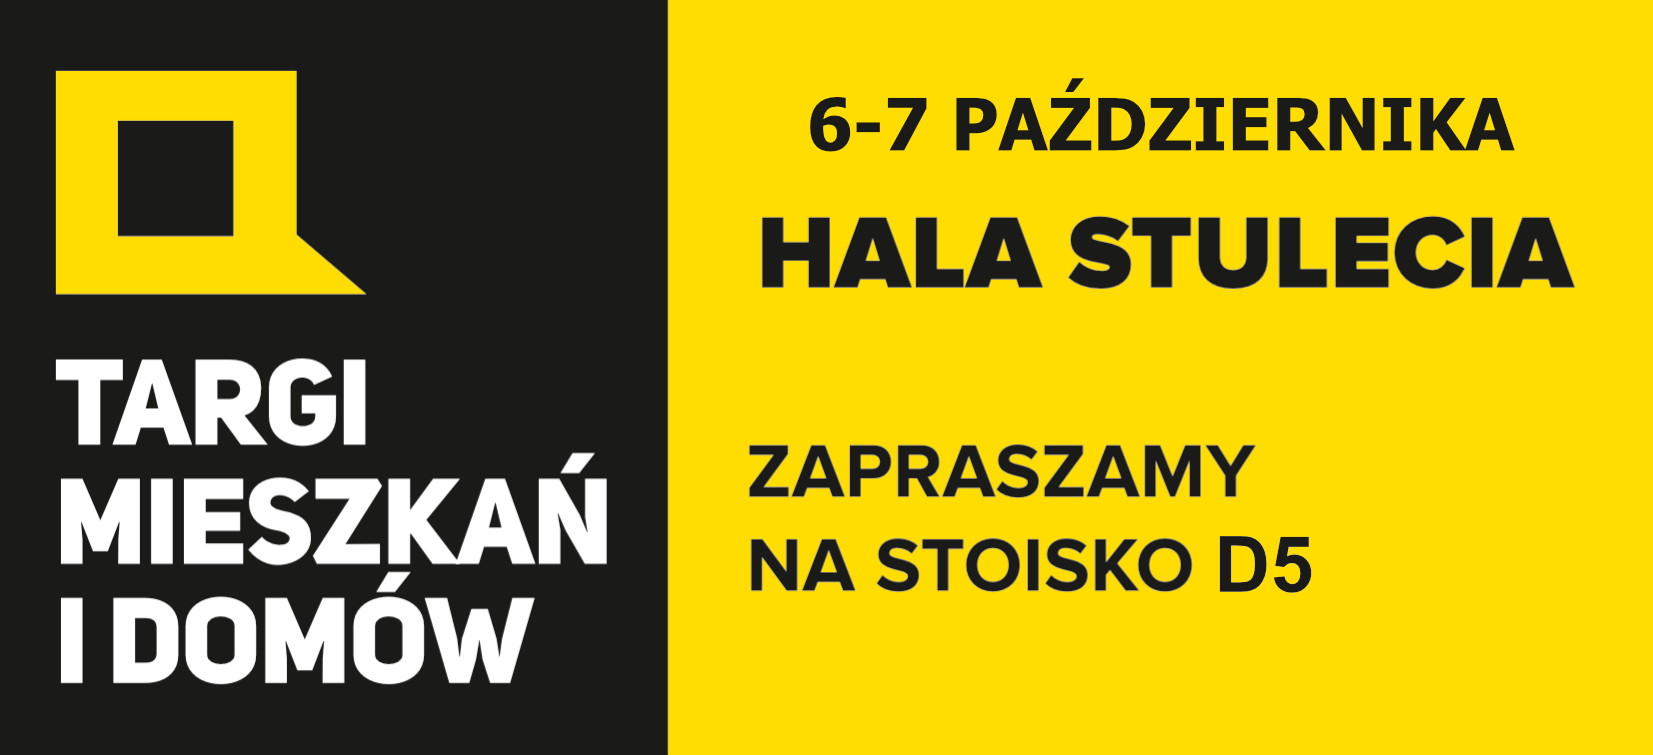 Targi Mieszkań i Domów Wrocław